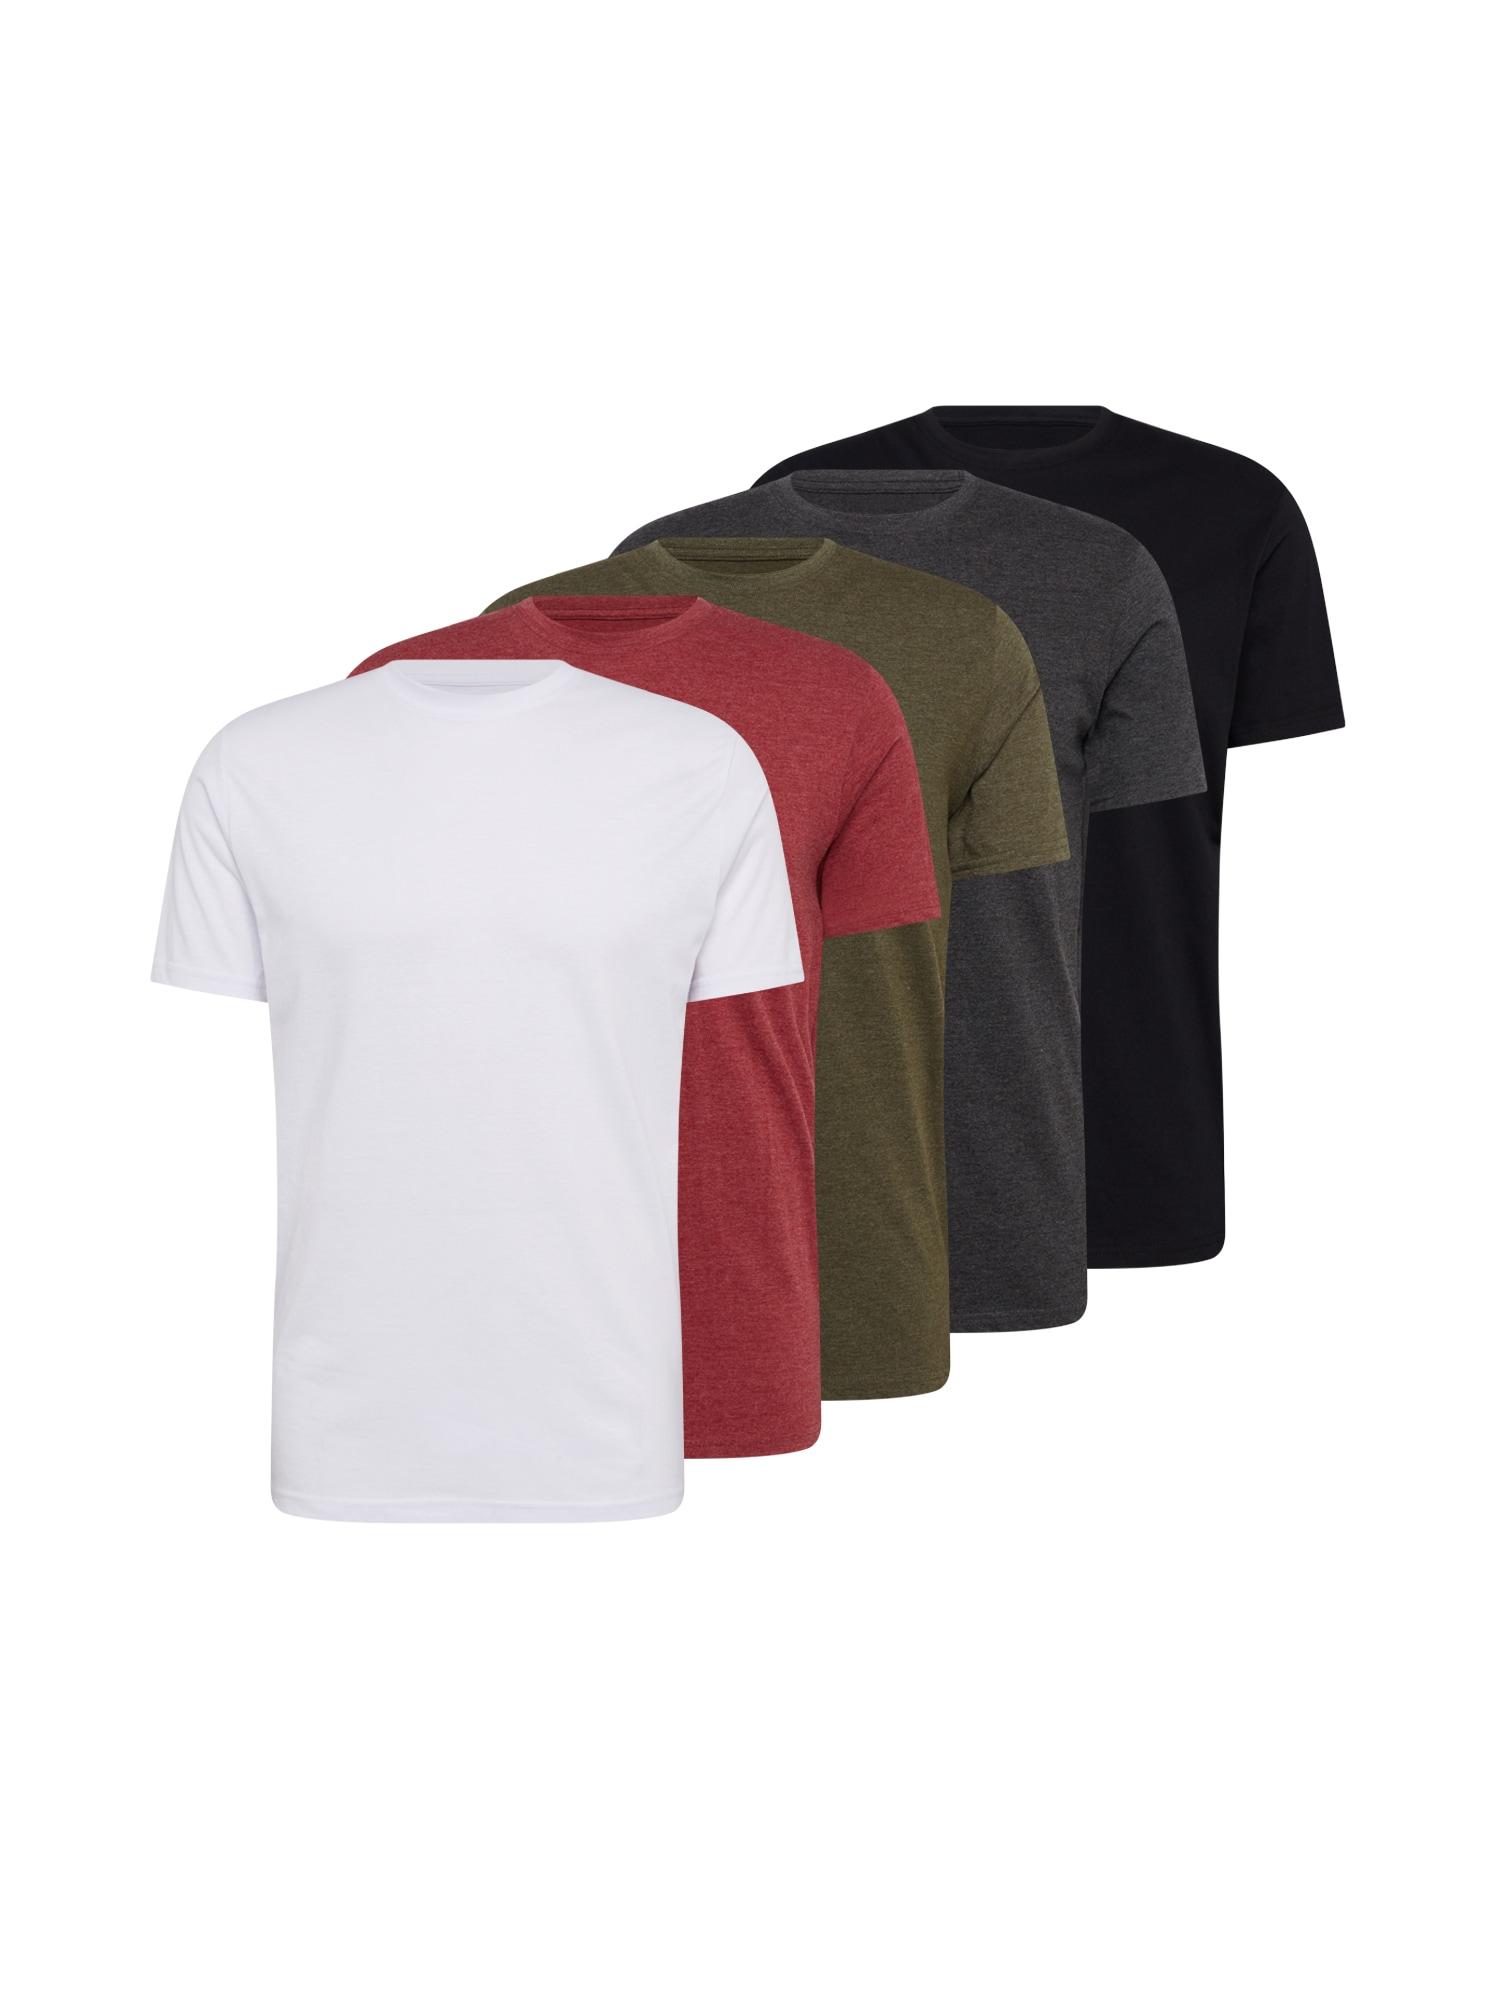 Denim Project Marškinėliai balta / margai raudona / margai žalia / tamsiai pilka / juoda